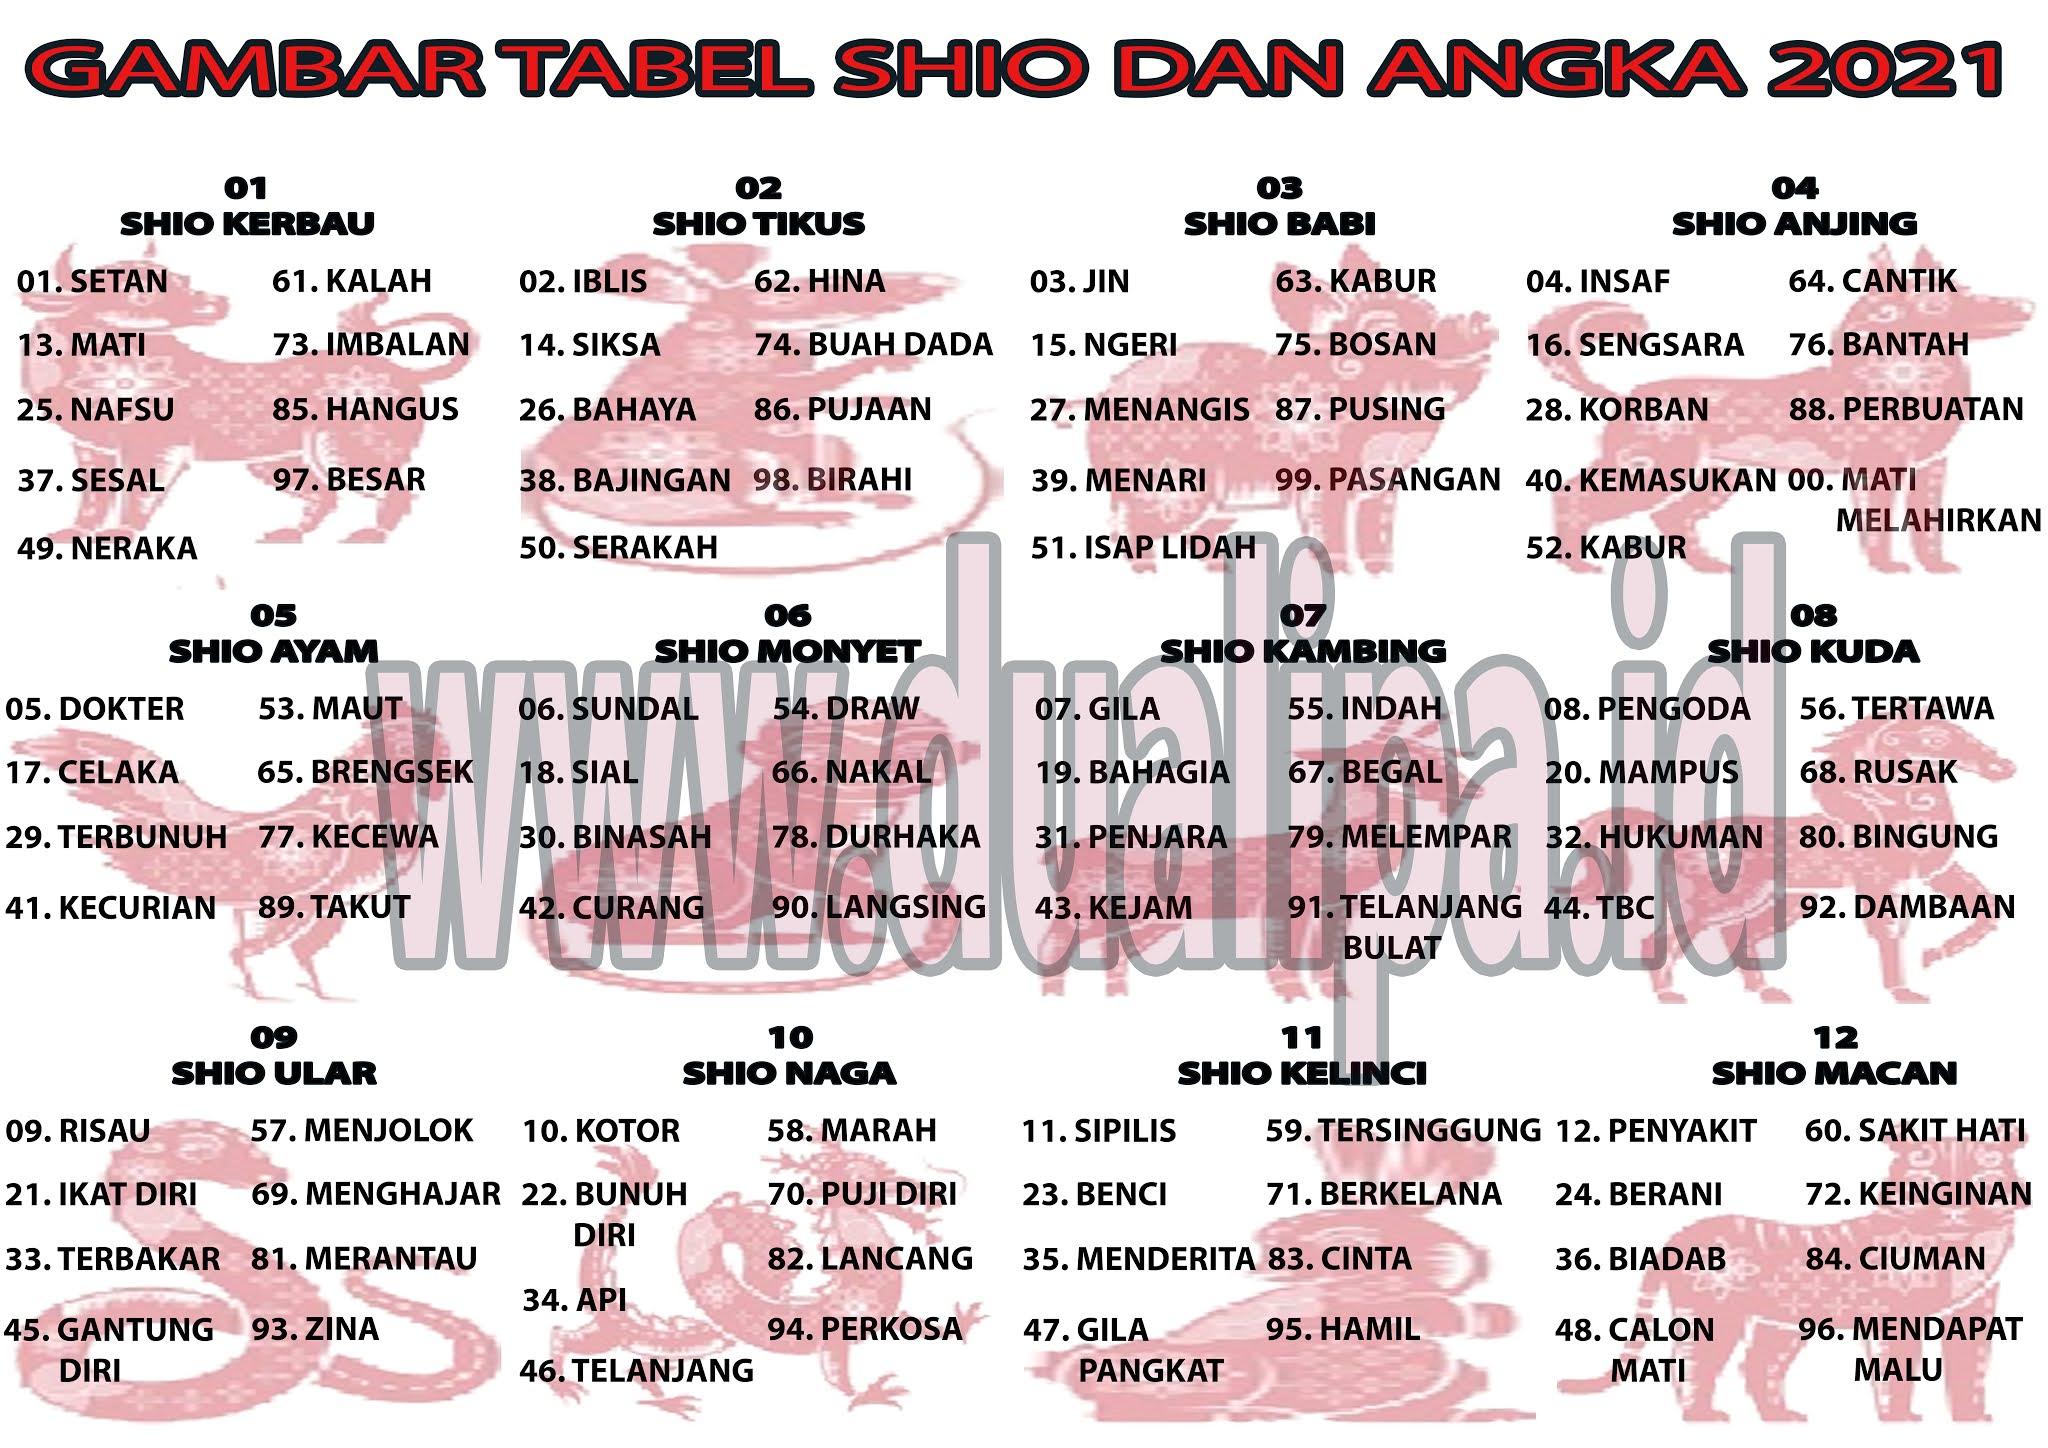 Gambar Tabel Shio Dan Angka 2021